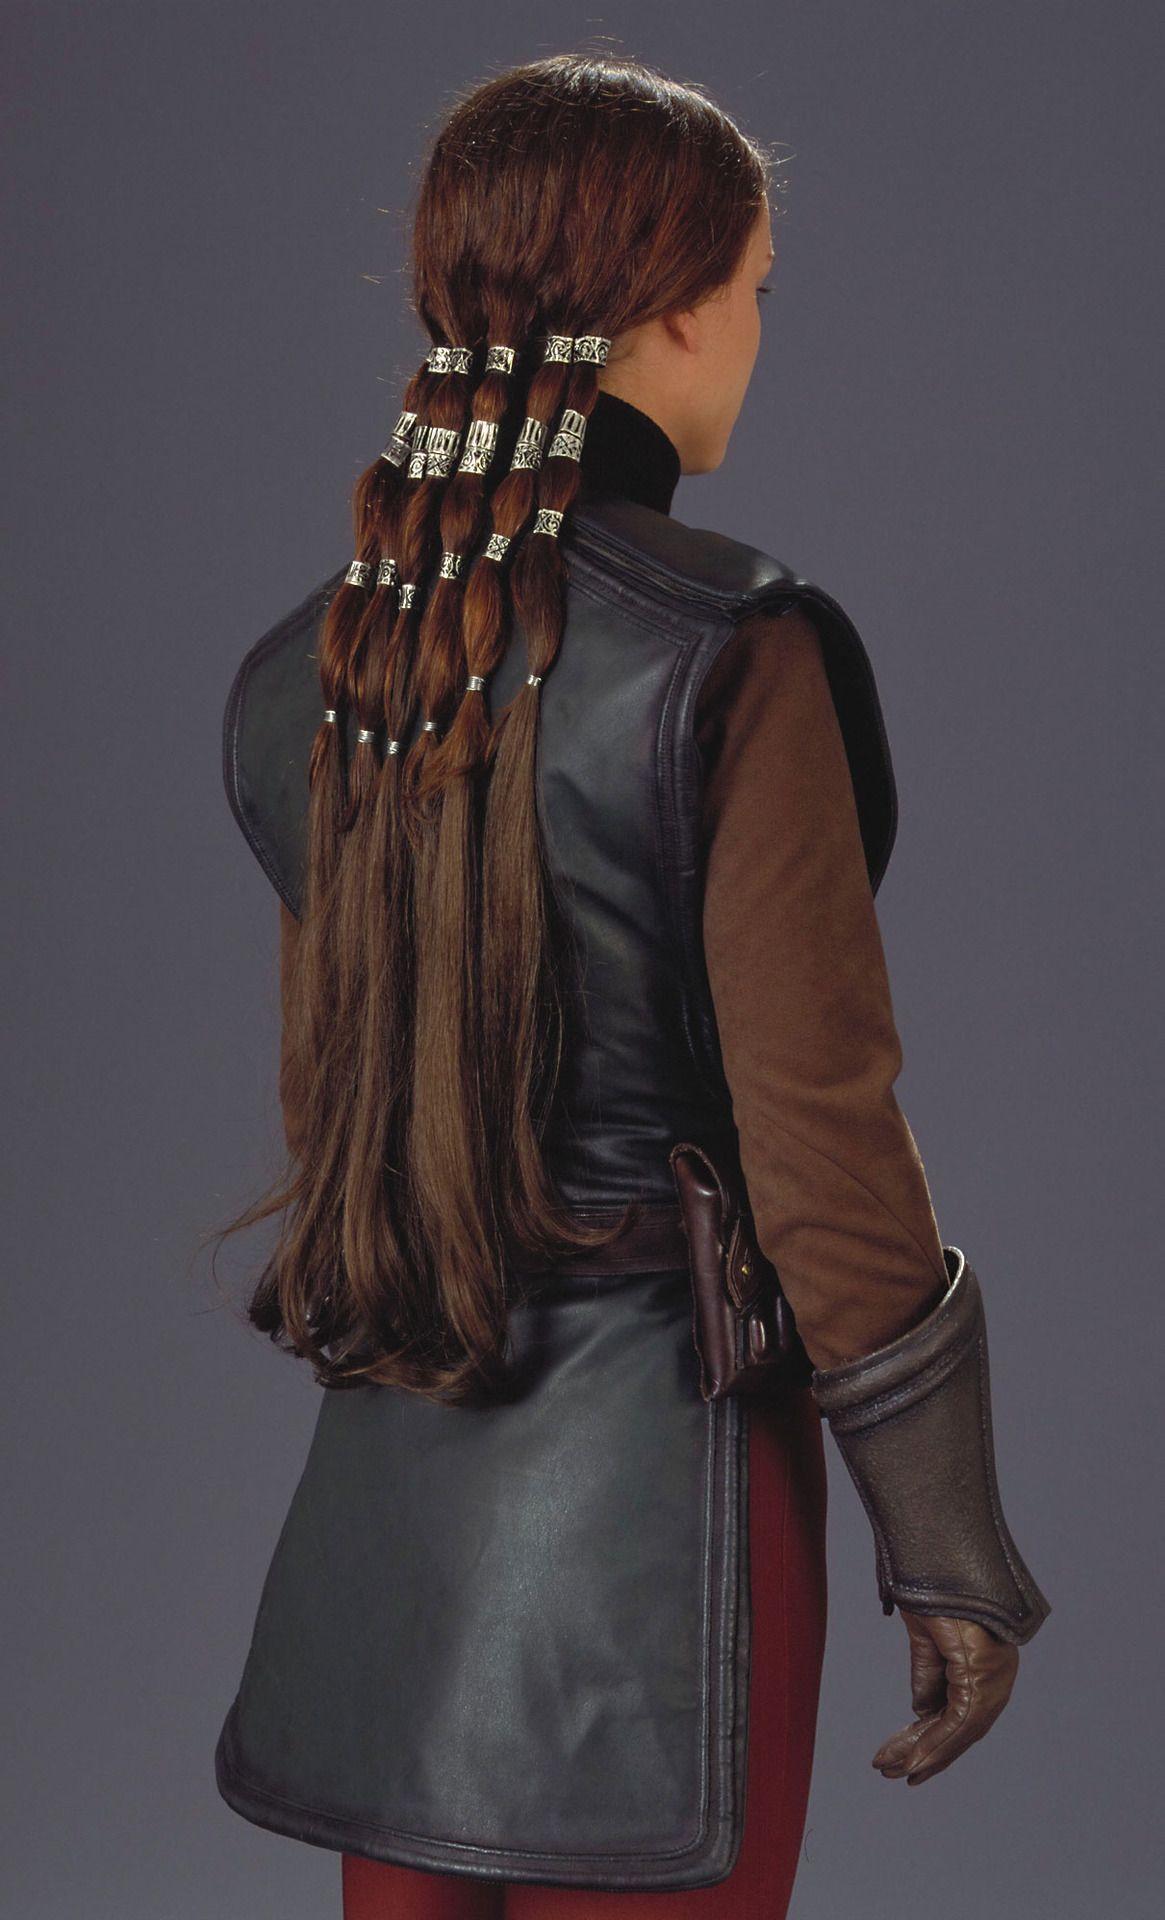 Star Wars Padme Amidala flight suit from Episode II